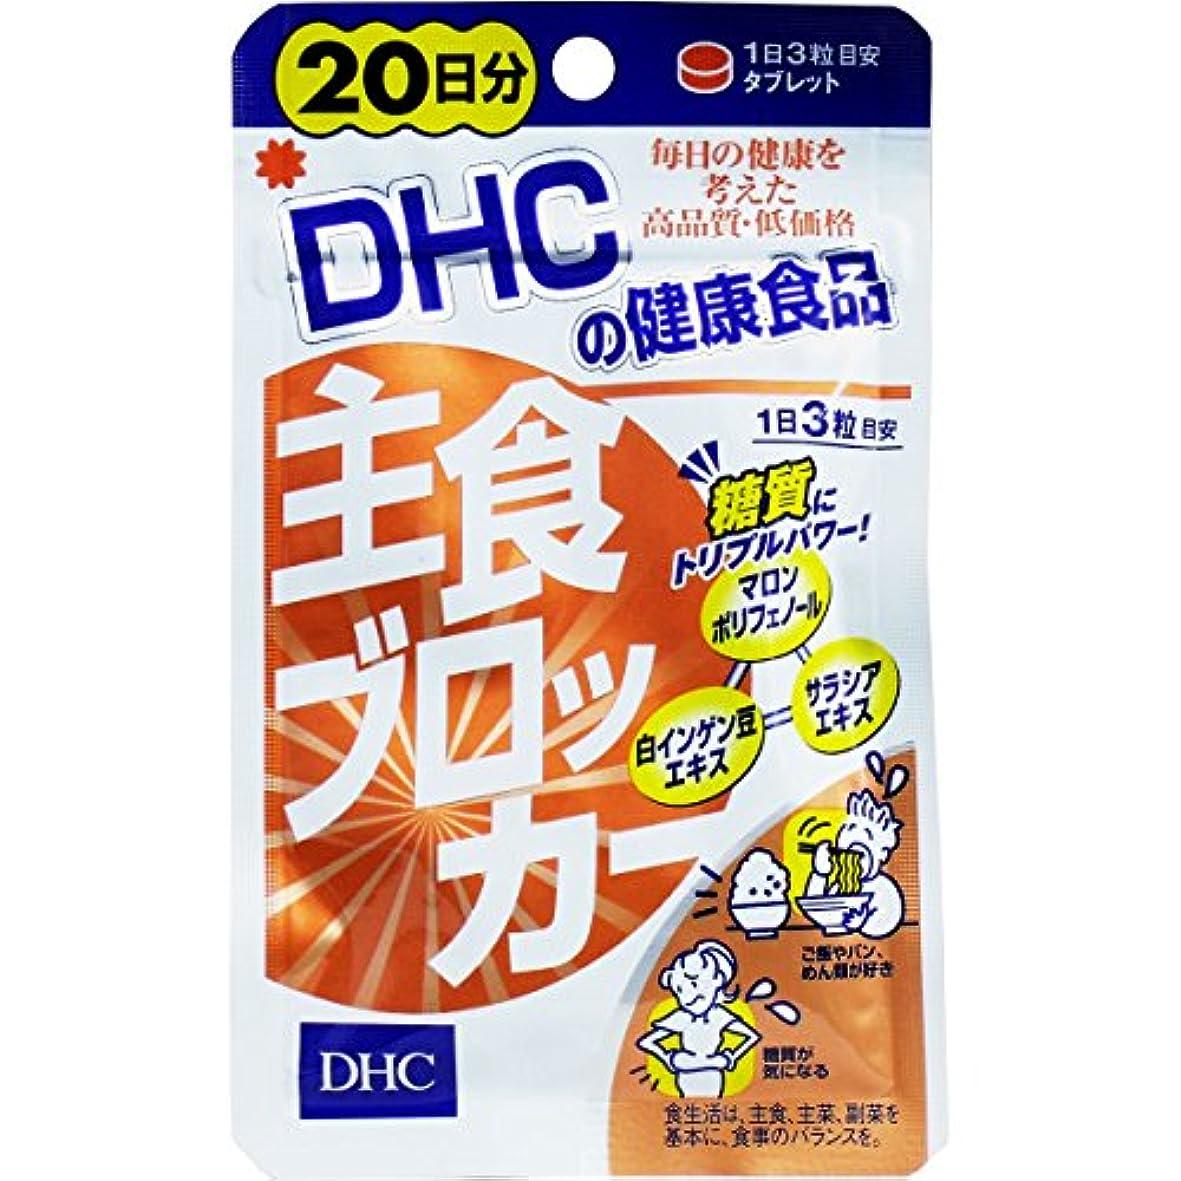 ナイロン不安定ないらいらするダイエット トリプルパワーでため込み対策 栄養機能食品 DHC 主食ブロッカー 20日分 60粒入【3個セット】